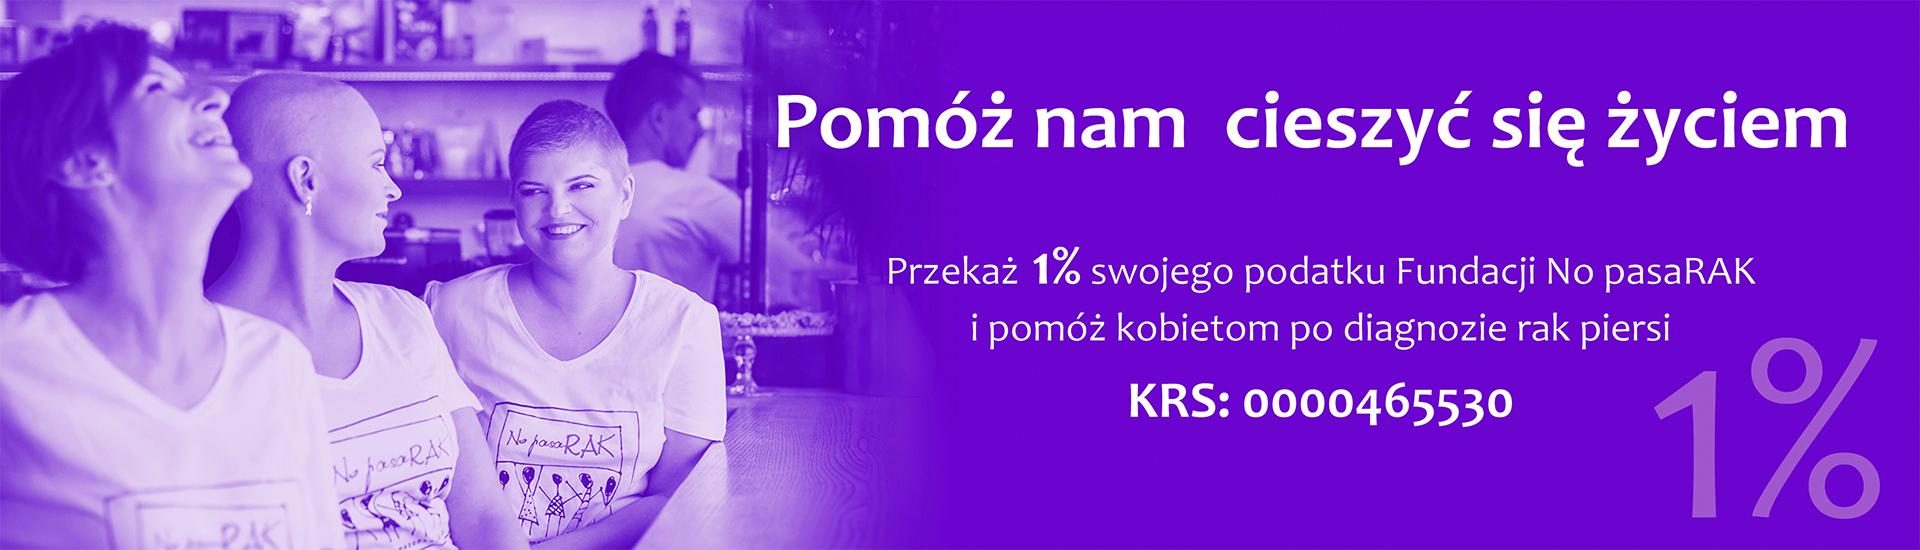 1procent dla Fundacji Onkologicznej No pasaRAK